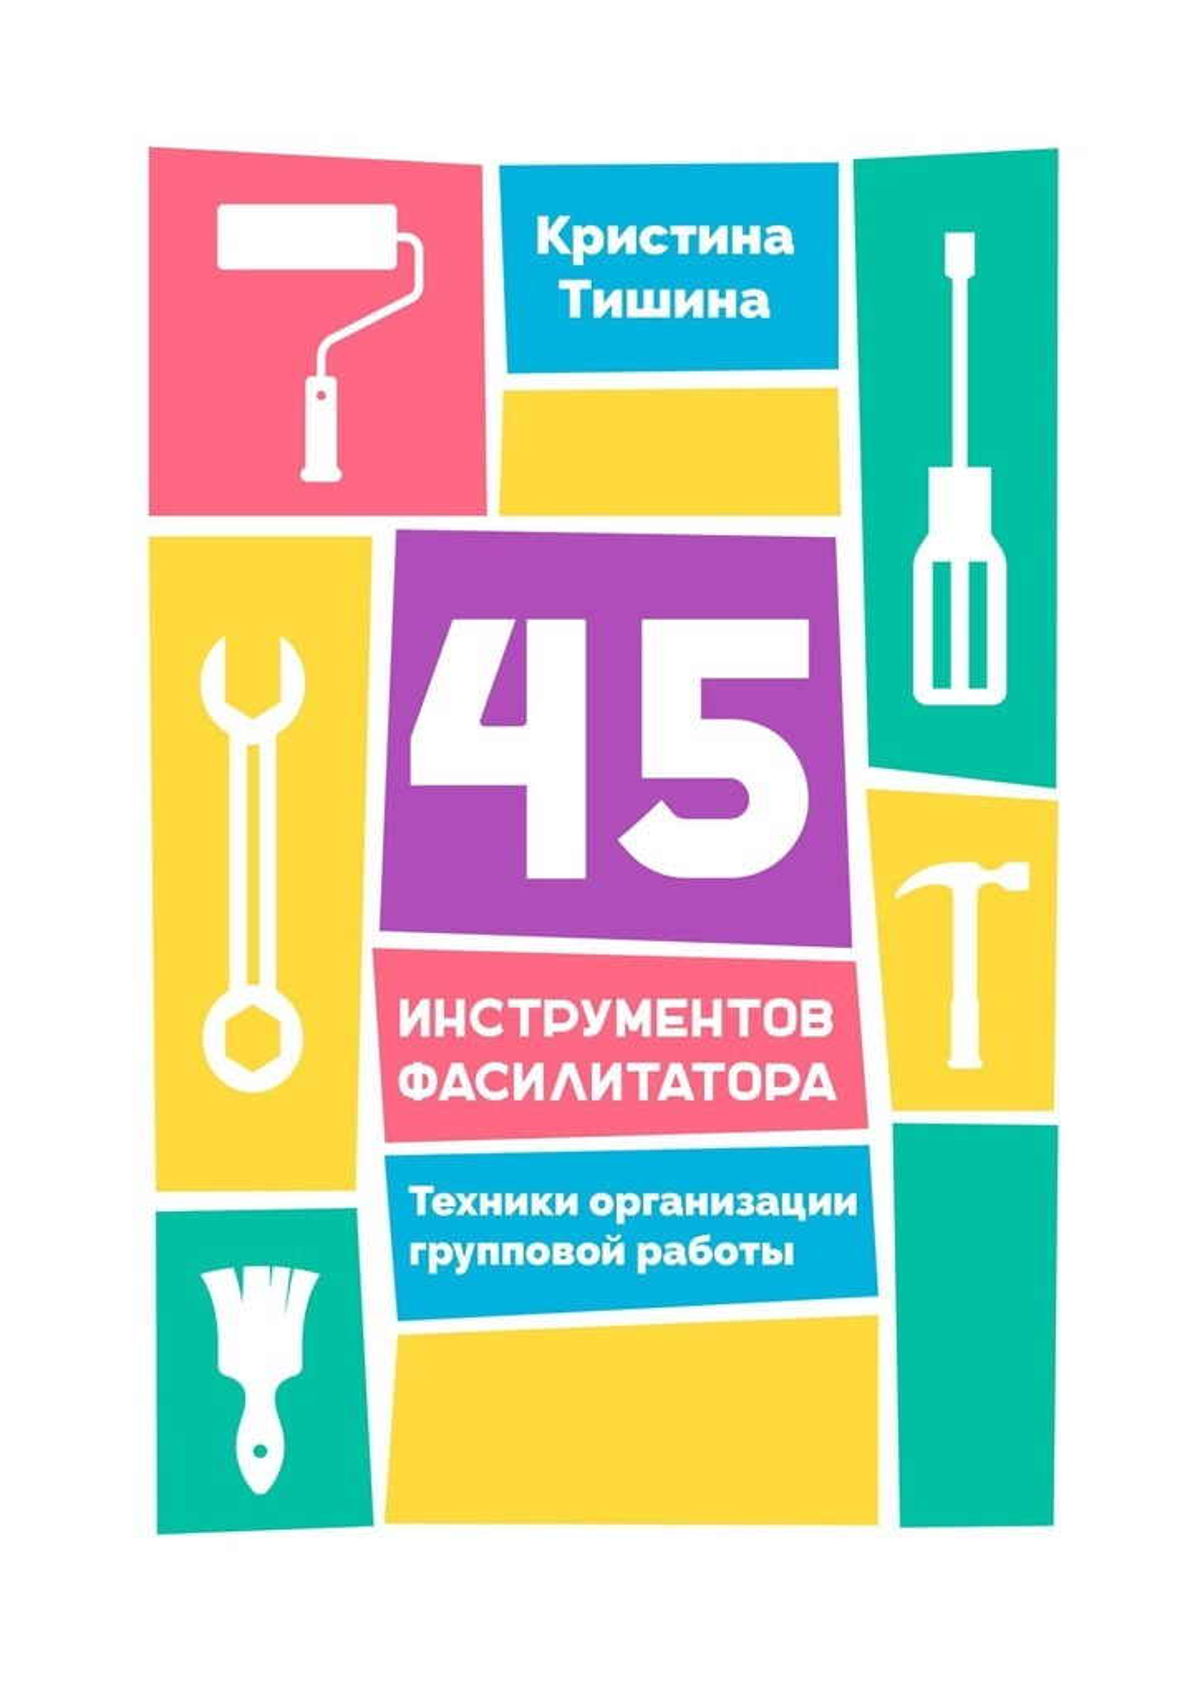 Кристина Тишина 45 инструментов фасилитатора. Техники организации групповой работы